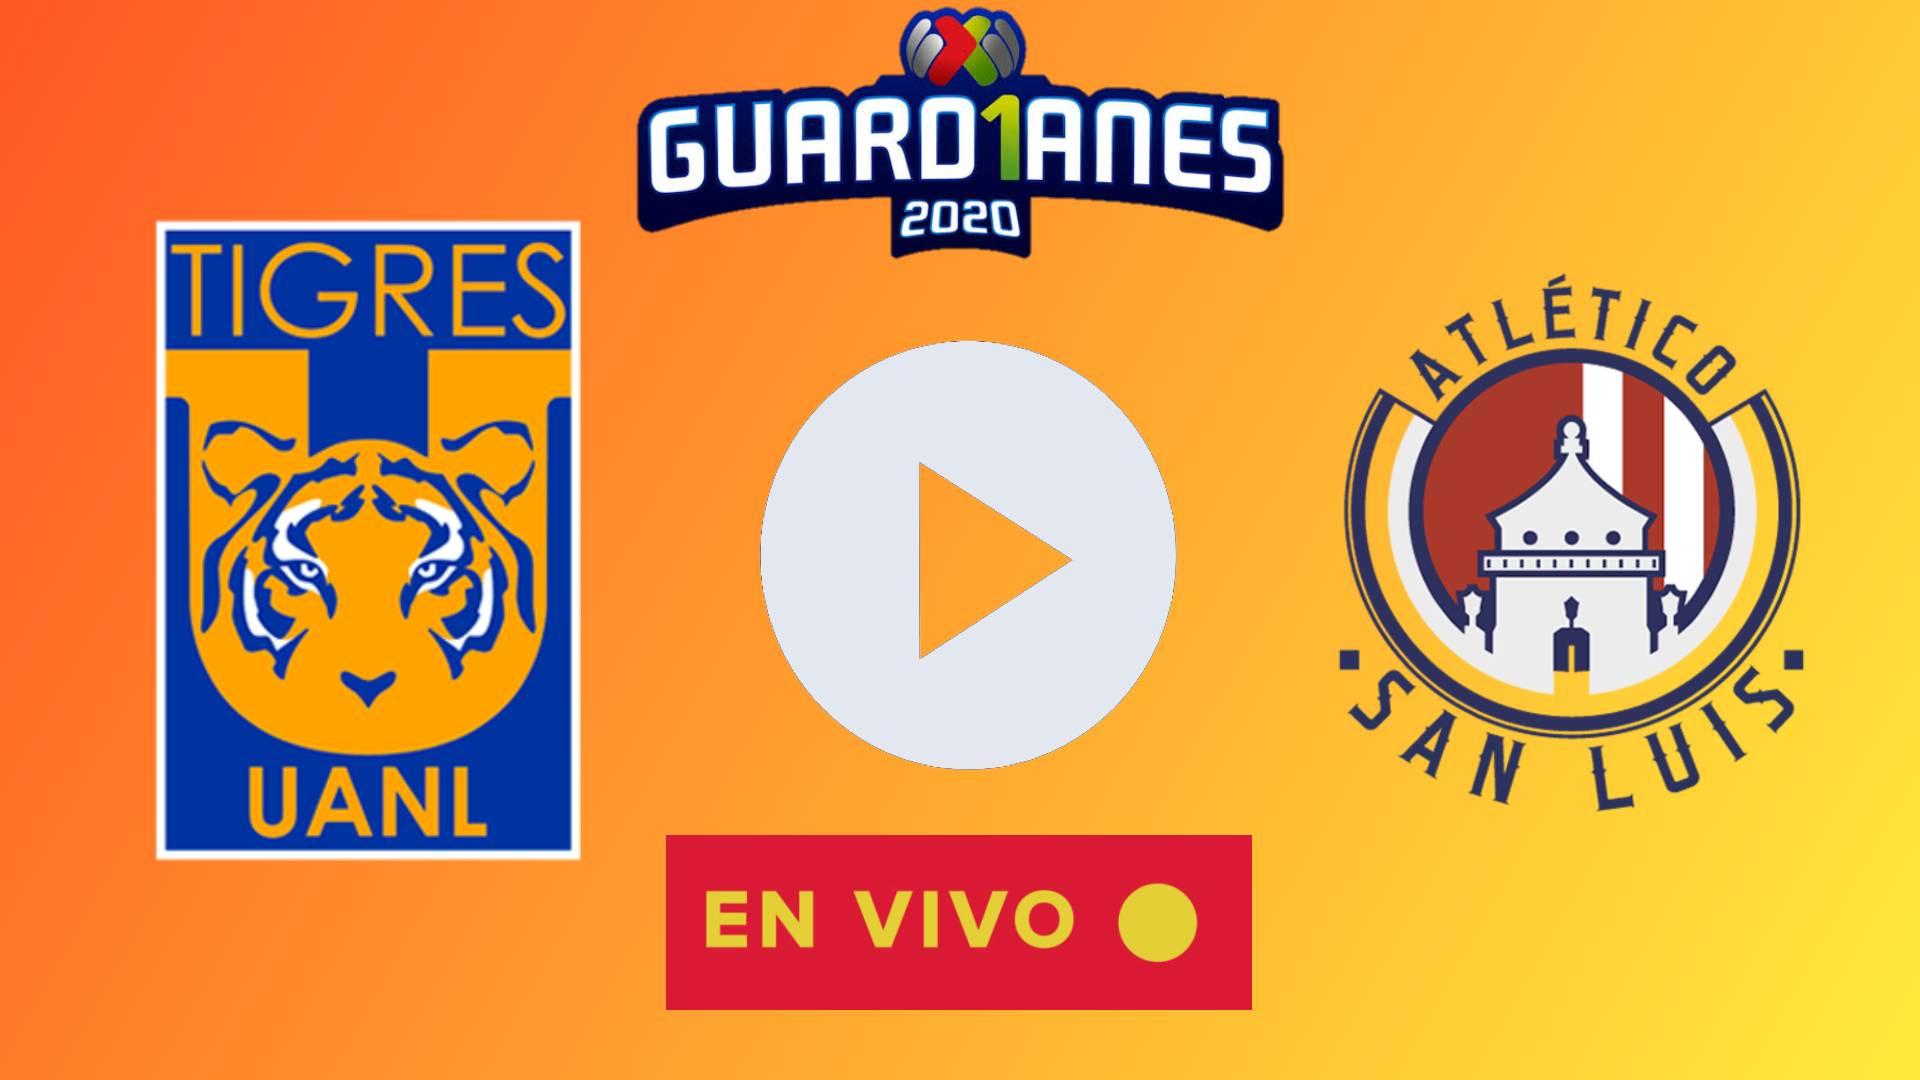 EN VIVO Tigres vs Atlético San Luis EN DIRECTO ONLINE en TUDN: juegan EN DIRECTO por la fecha 13 del Apertura 2020